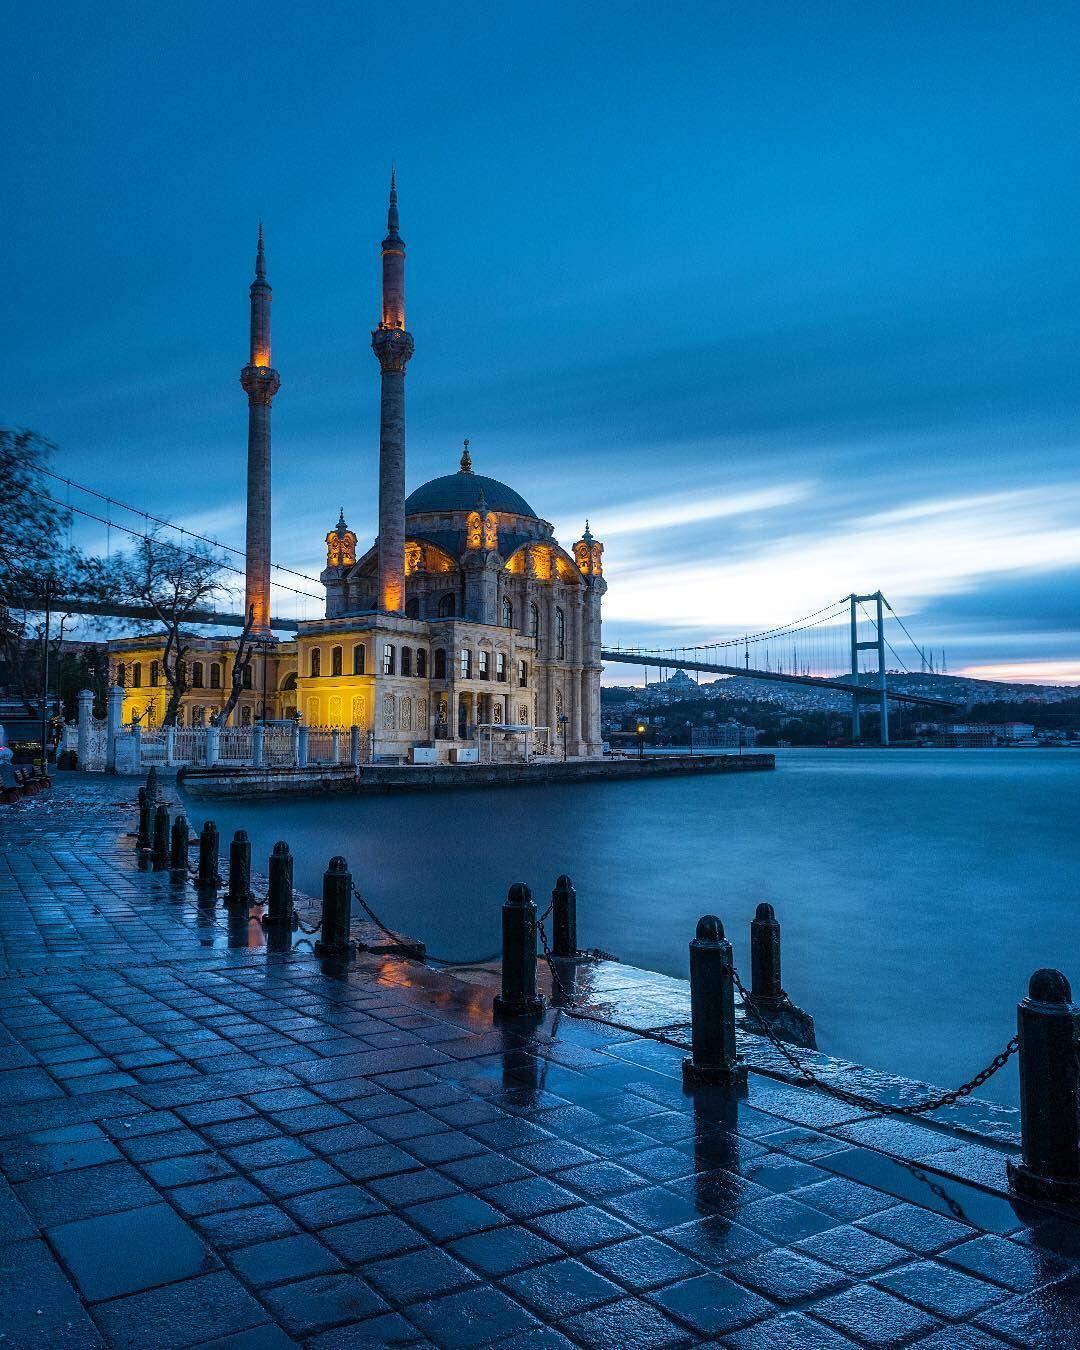 istanbul #turkey #ortaköy #sunrise #bluesky #nikon #ndfilter